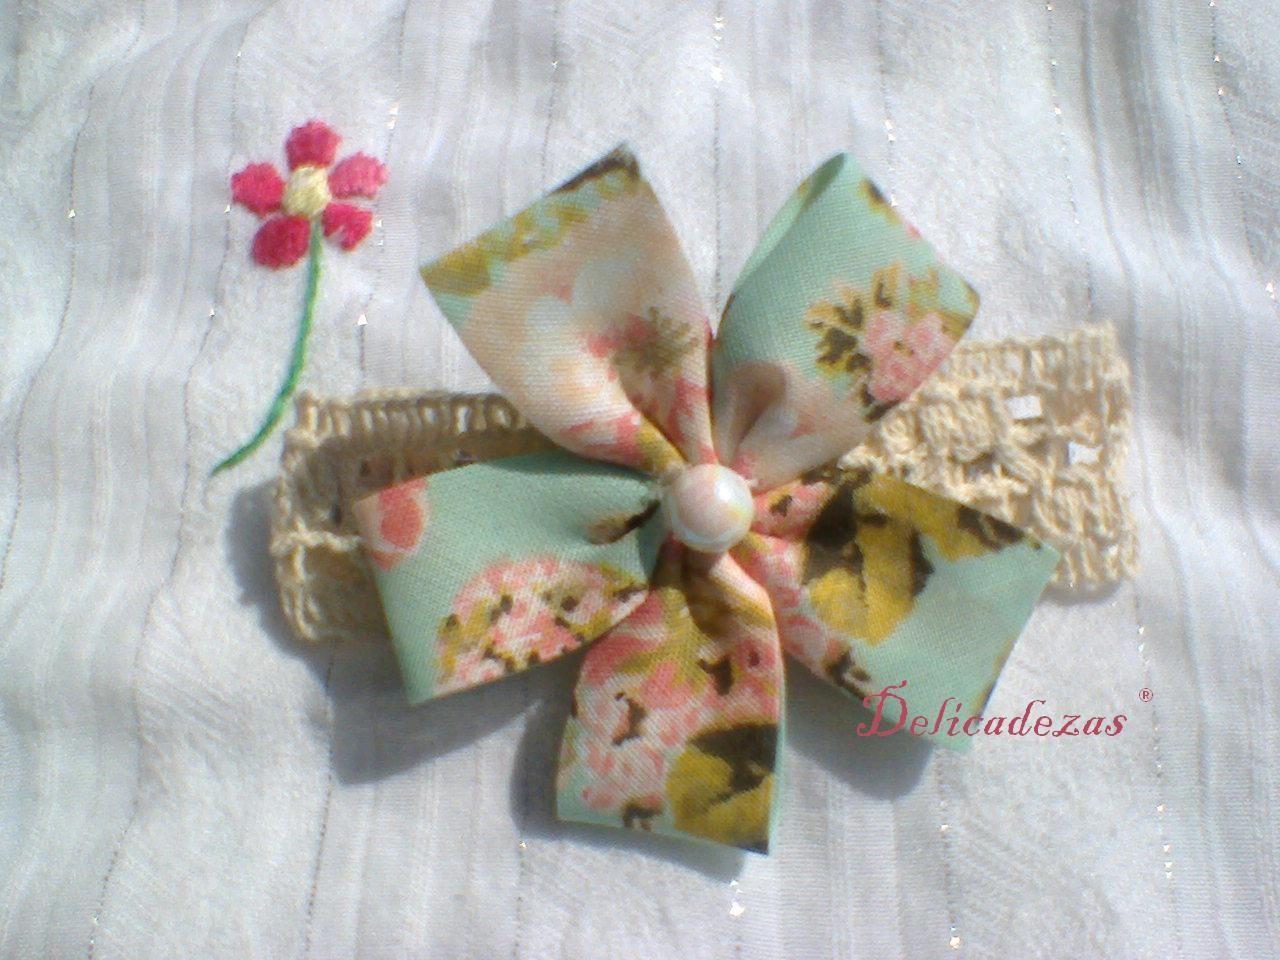 Delicadezas ®. Hebilla francesa decorada. Flor.